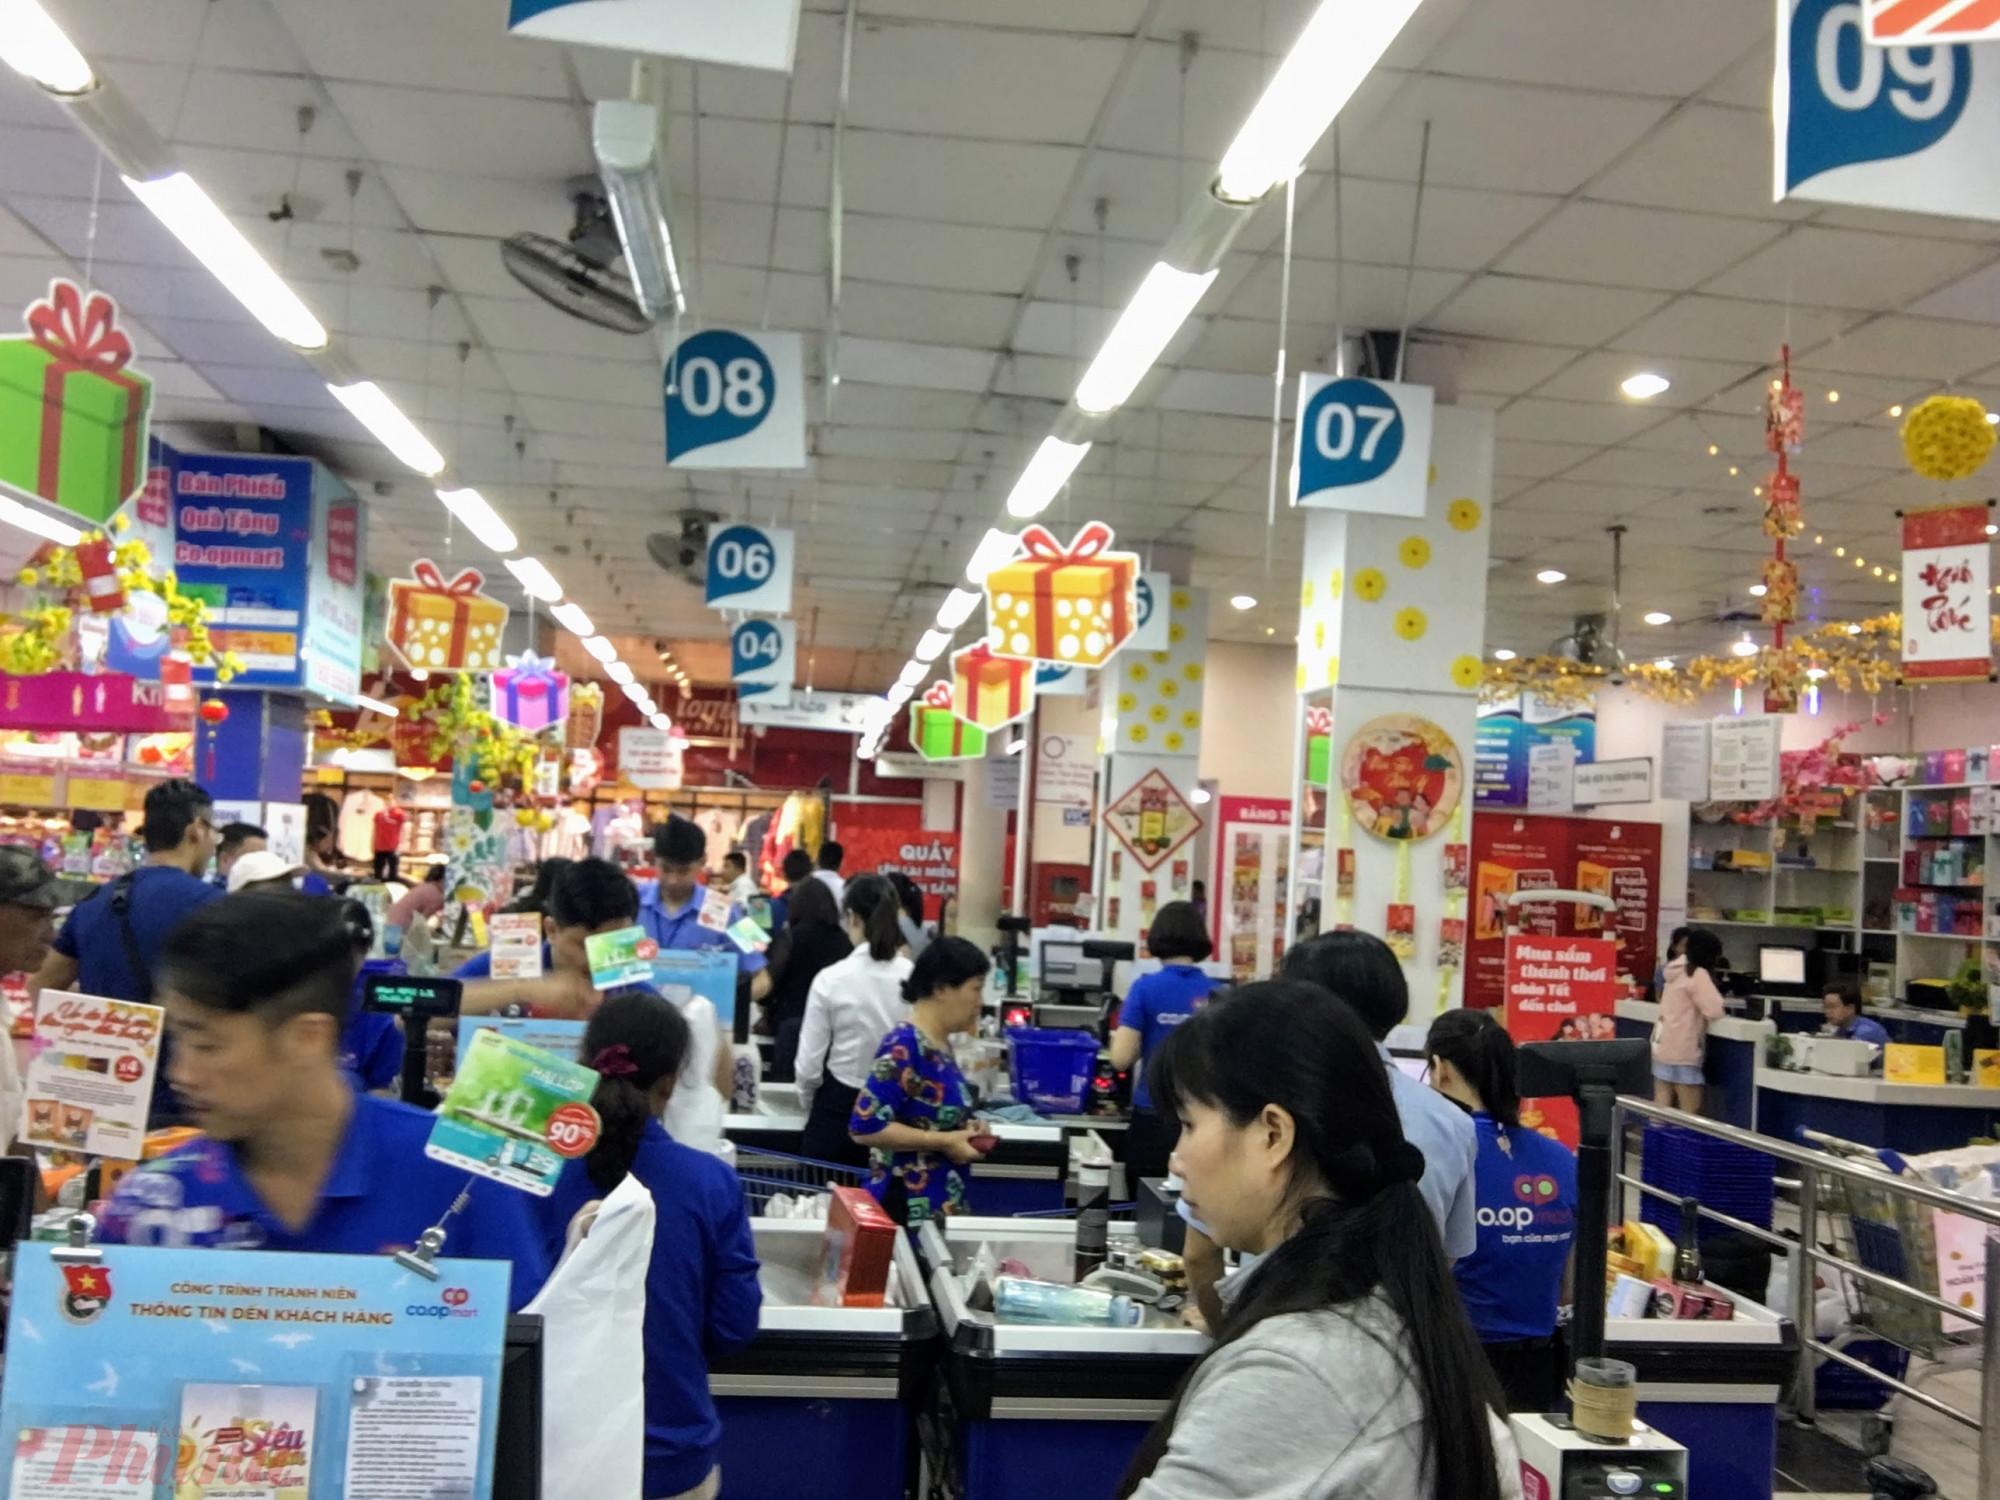 Tại két tính tiền, nhân viên của siêu thị còn đông hơn khách hàng.